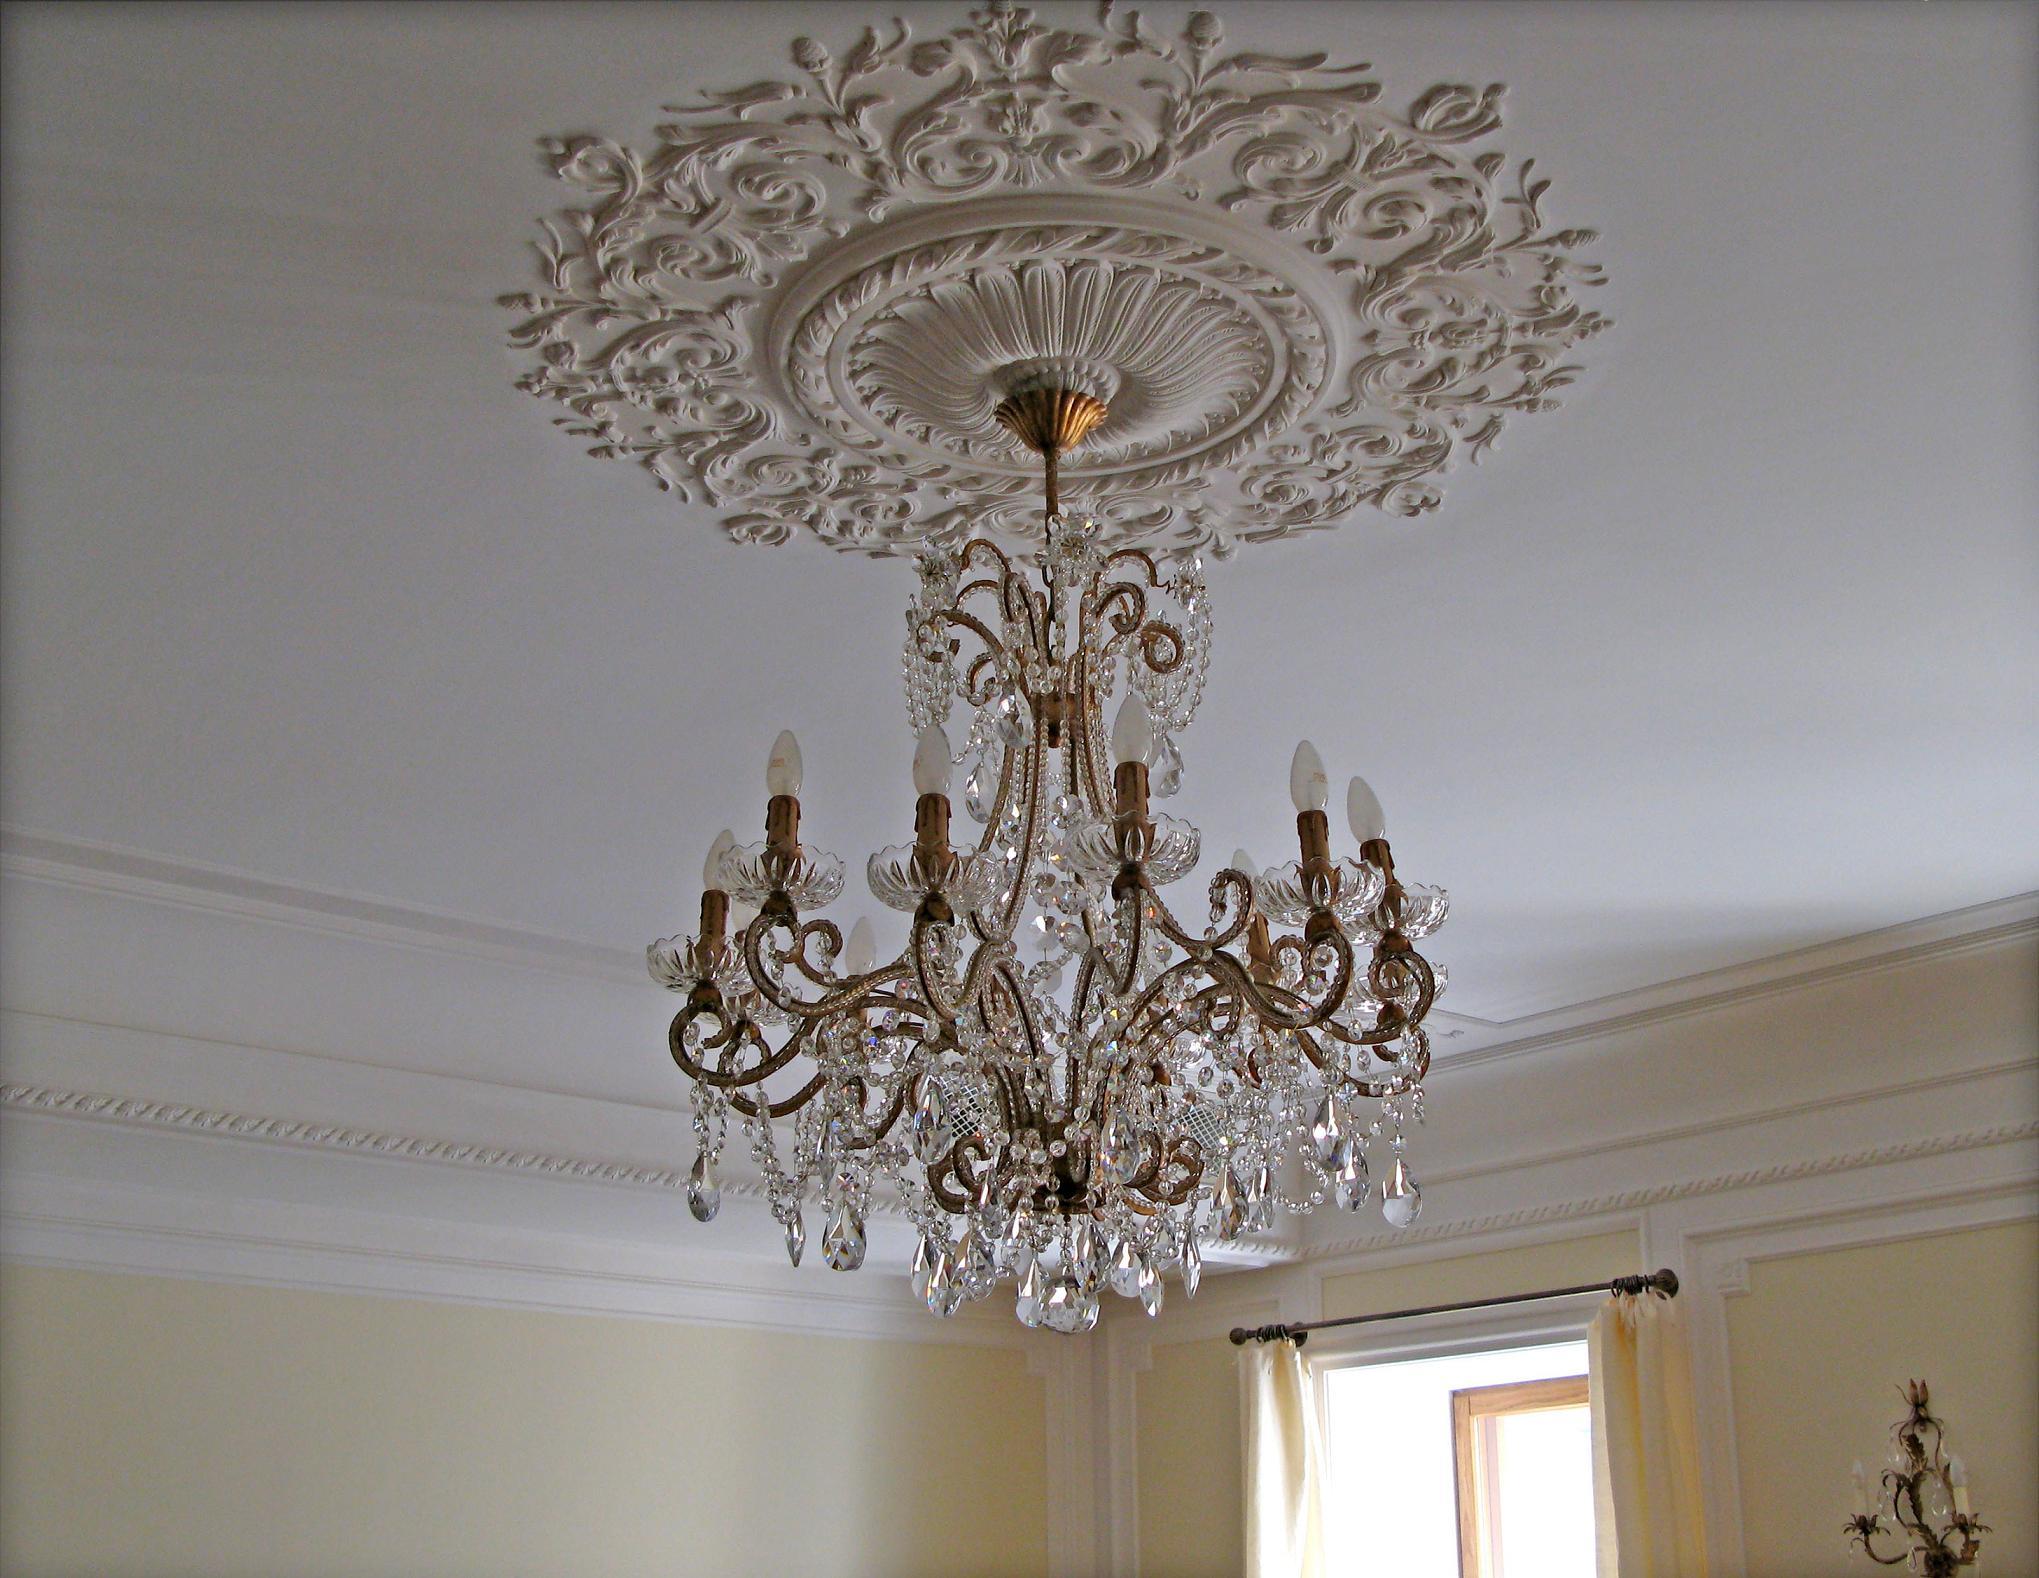 Потолок, выполненный в любом имперском стиле, всегда имеет множество элементов лепнины. Центральная потолочная розетка подчёркивает красоту люстры , несомненно, внесет лепту в общий дизайн комнаты.